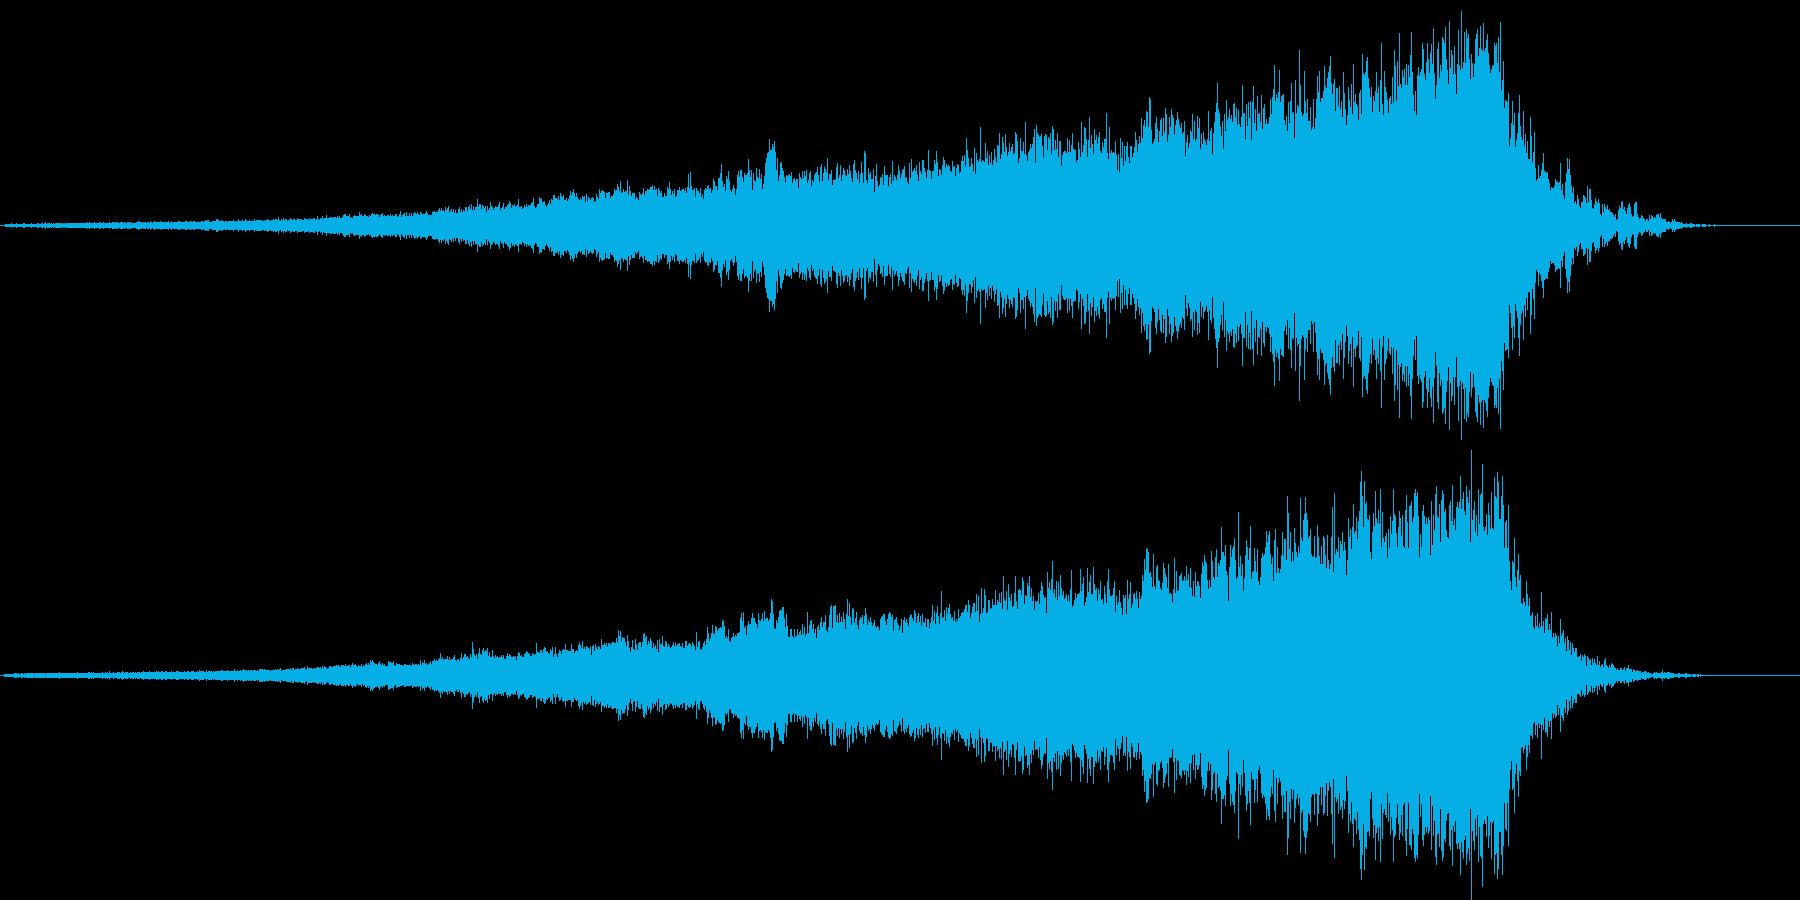 【ライザー】39 エピックサウンド 迫力の再生済みの波形